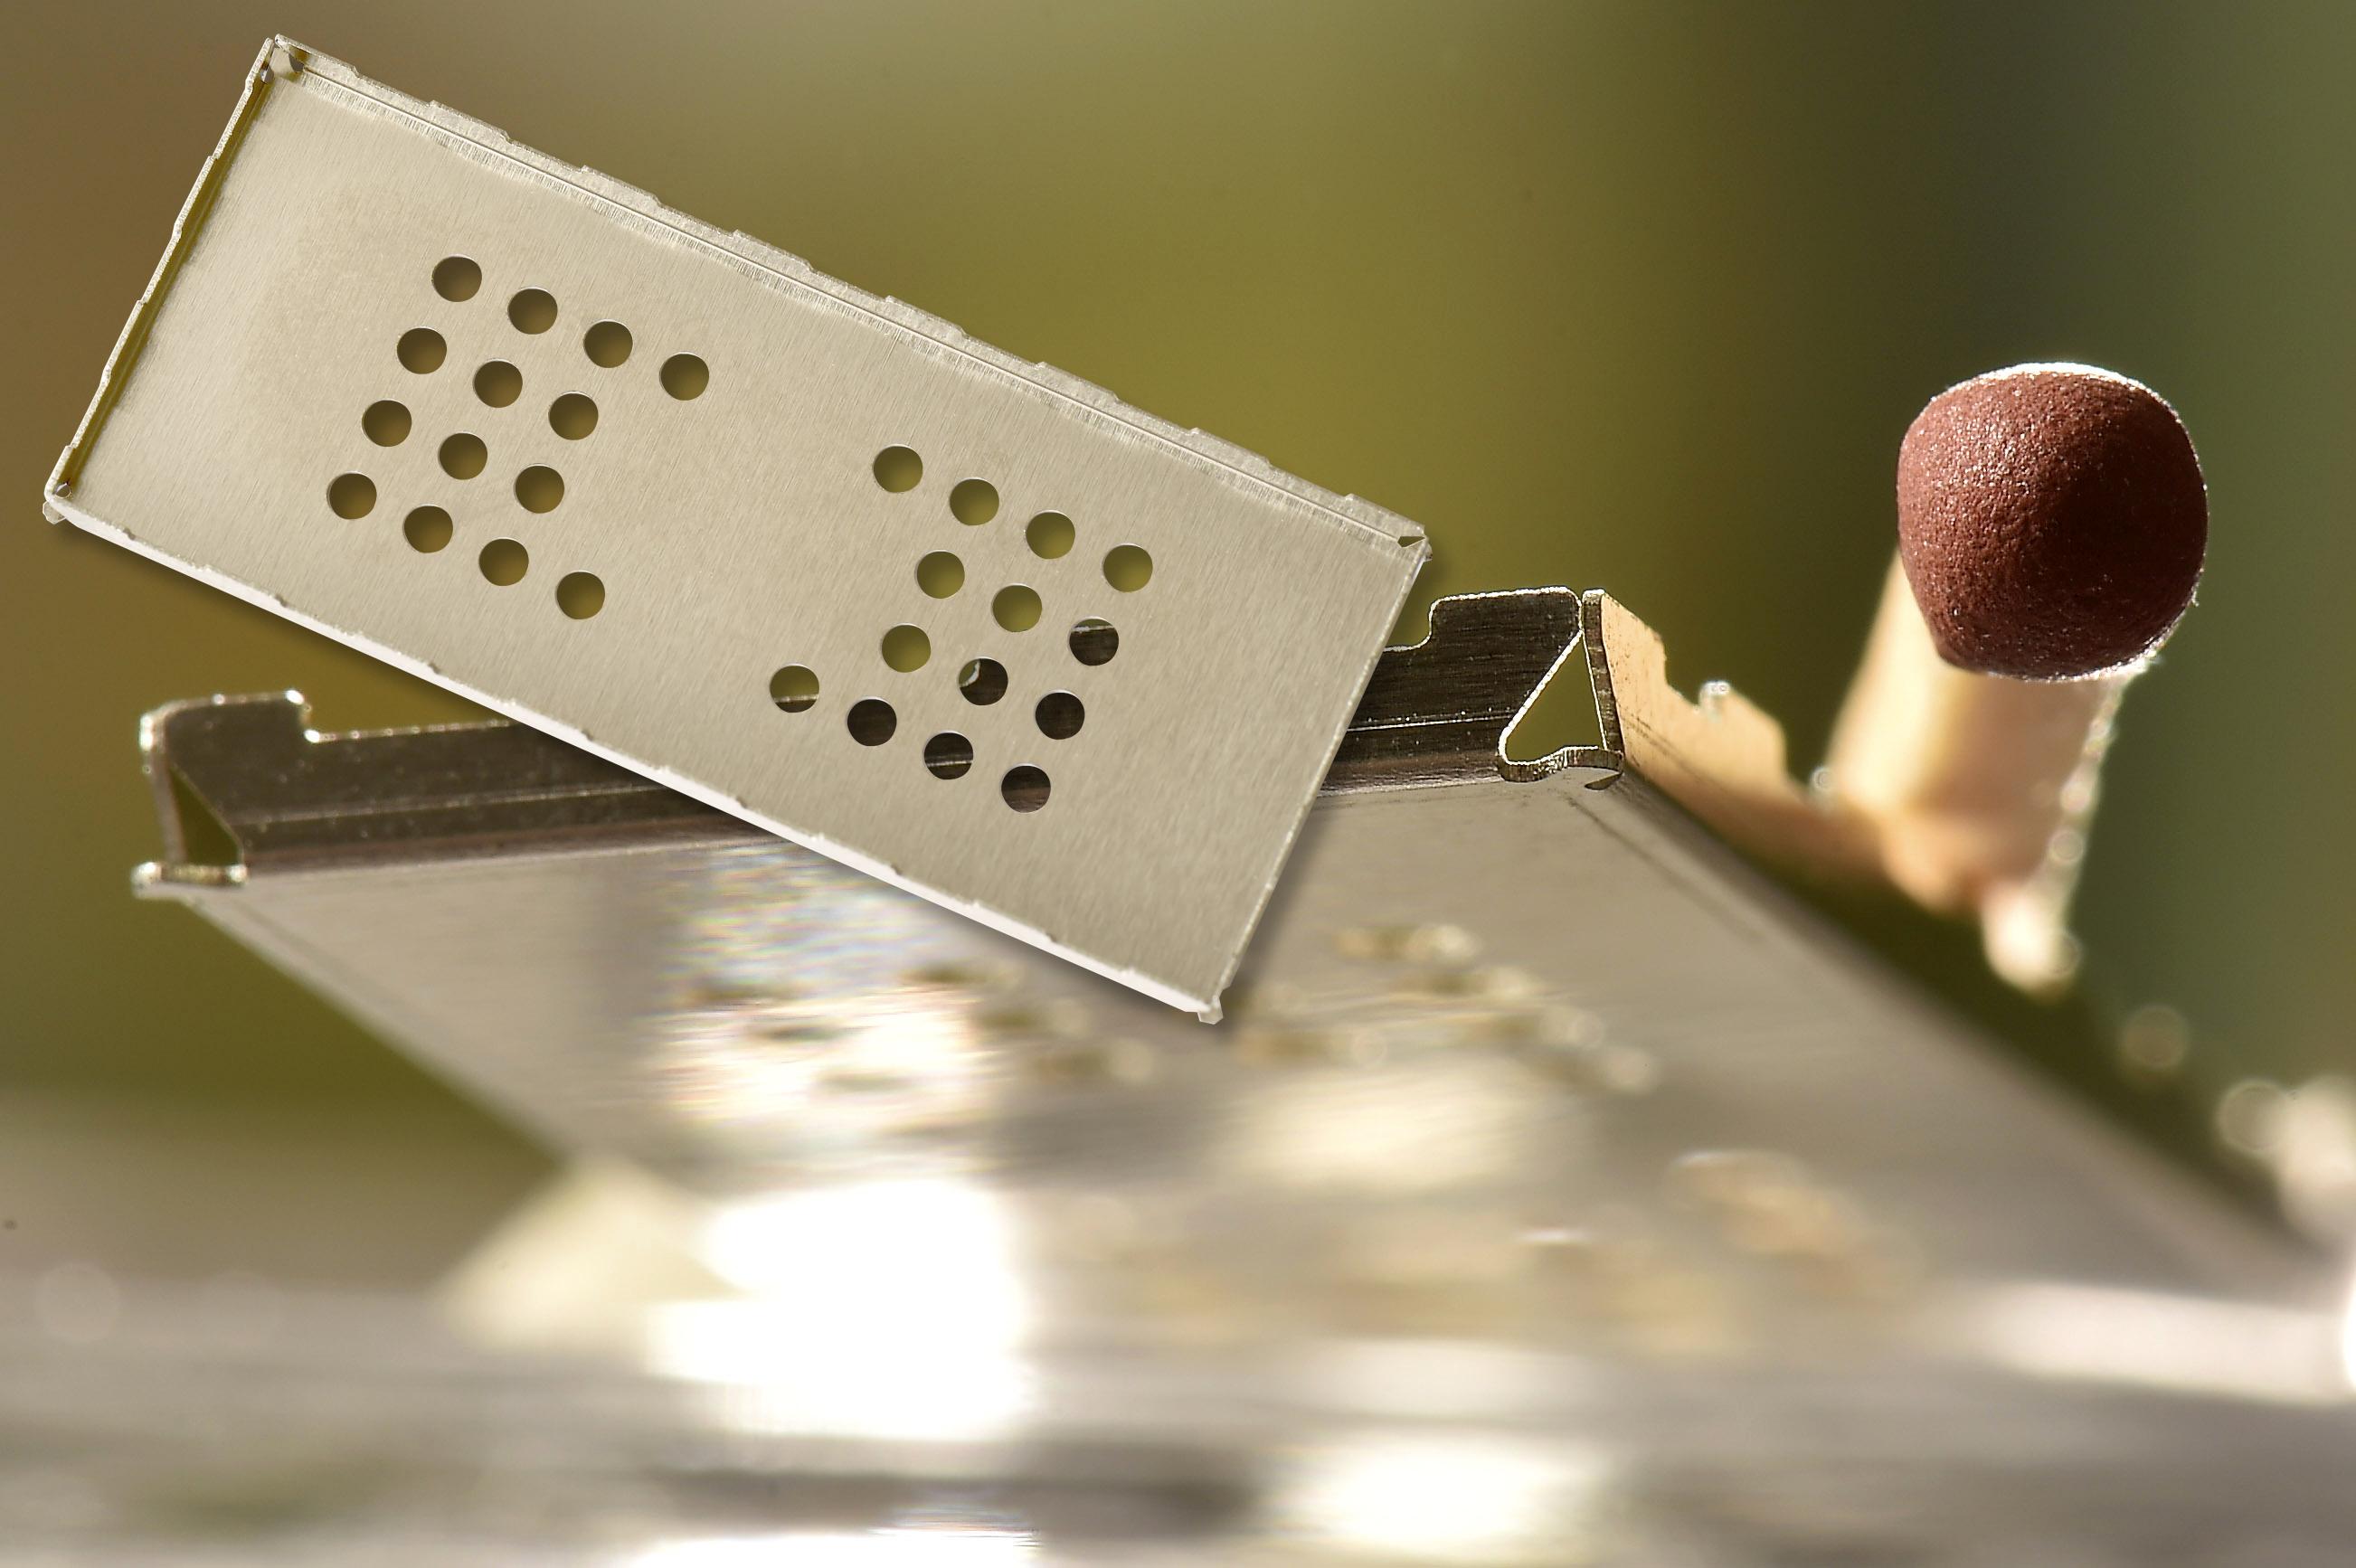 <h1>Laserskæring</h1><p>EMC afskærmning laserskåret og bukket.<br />Materiale: 0.20 mm. Nysølv.</p>